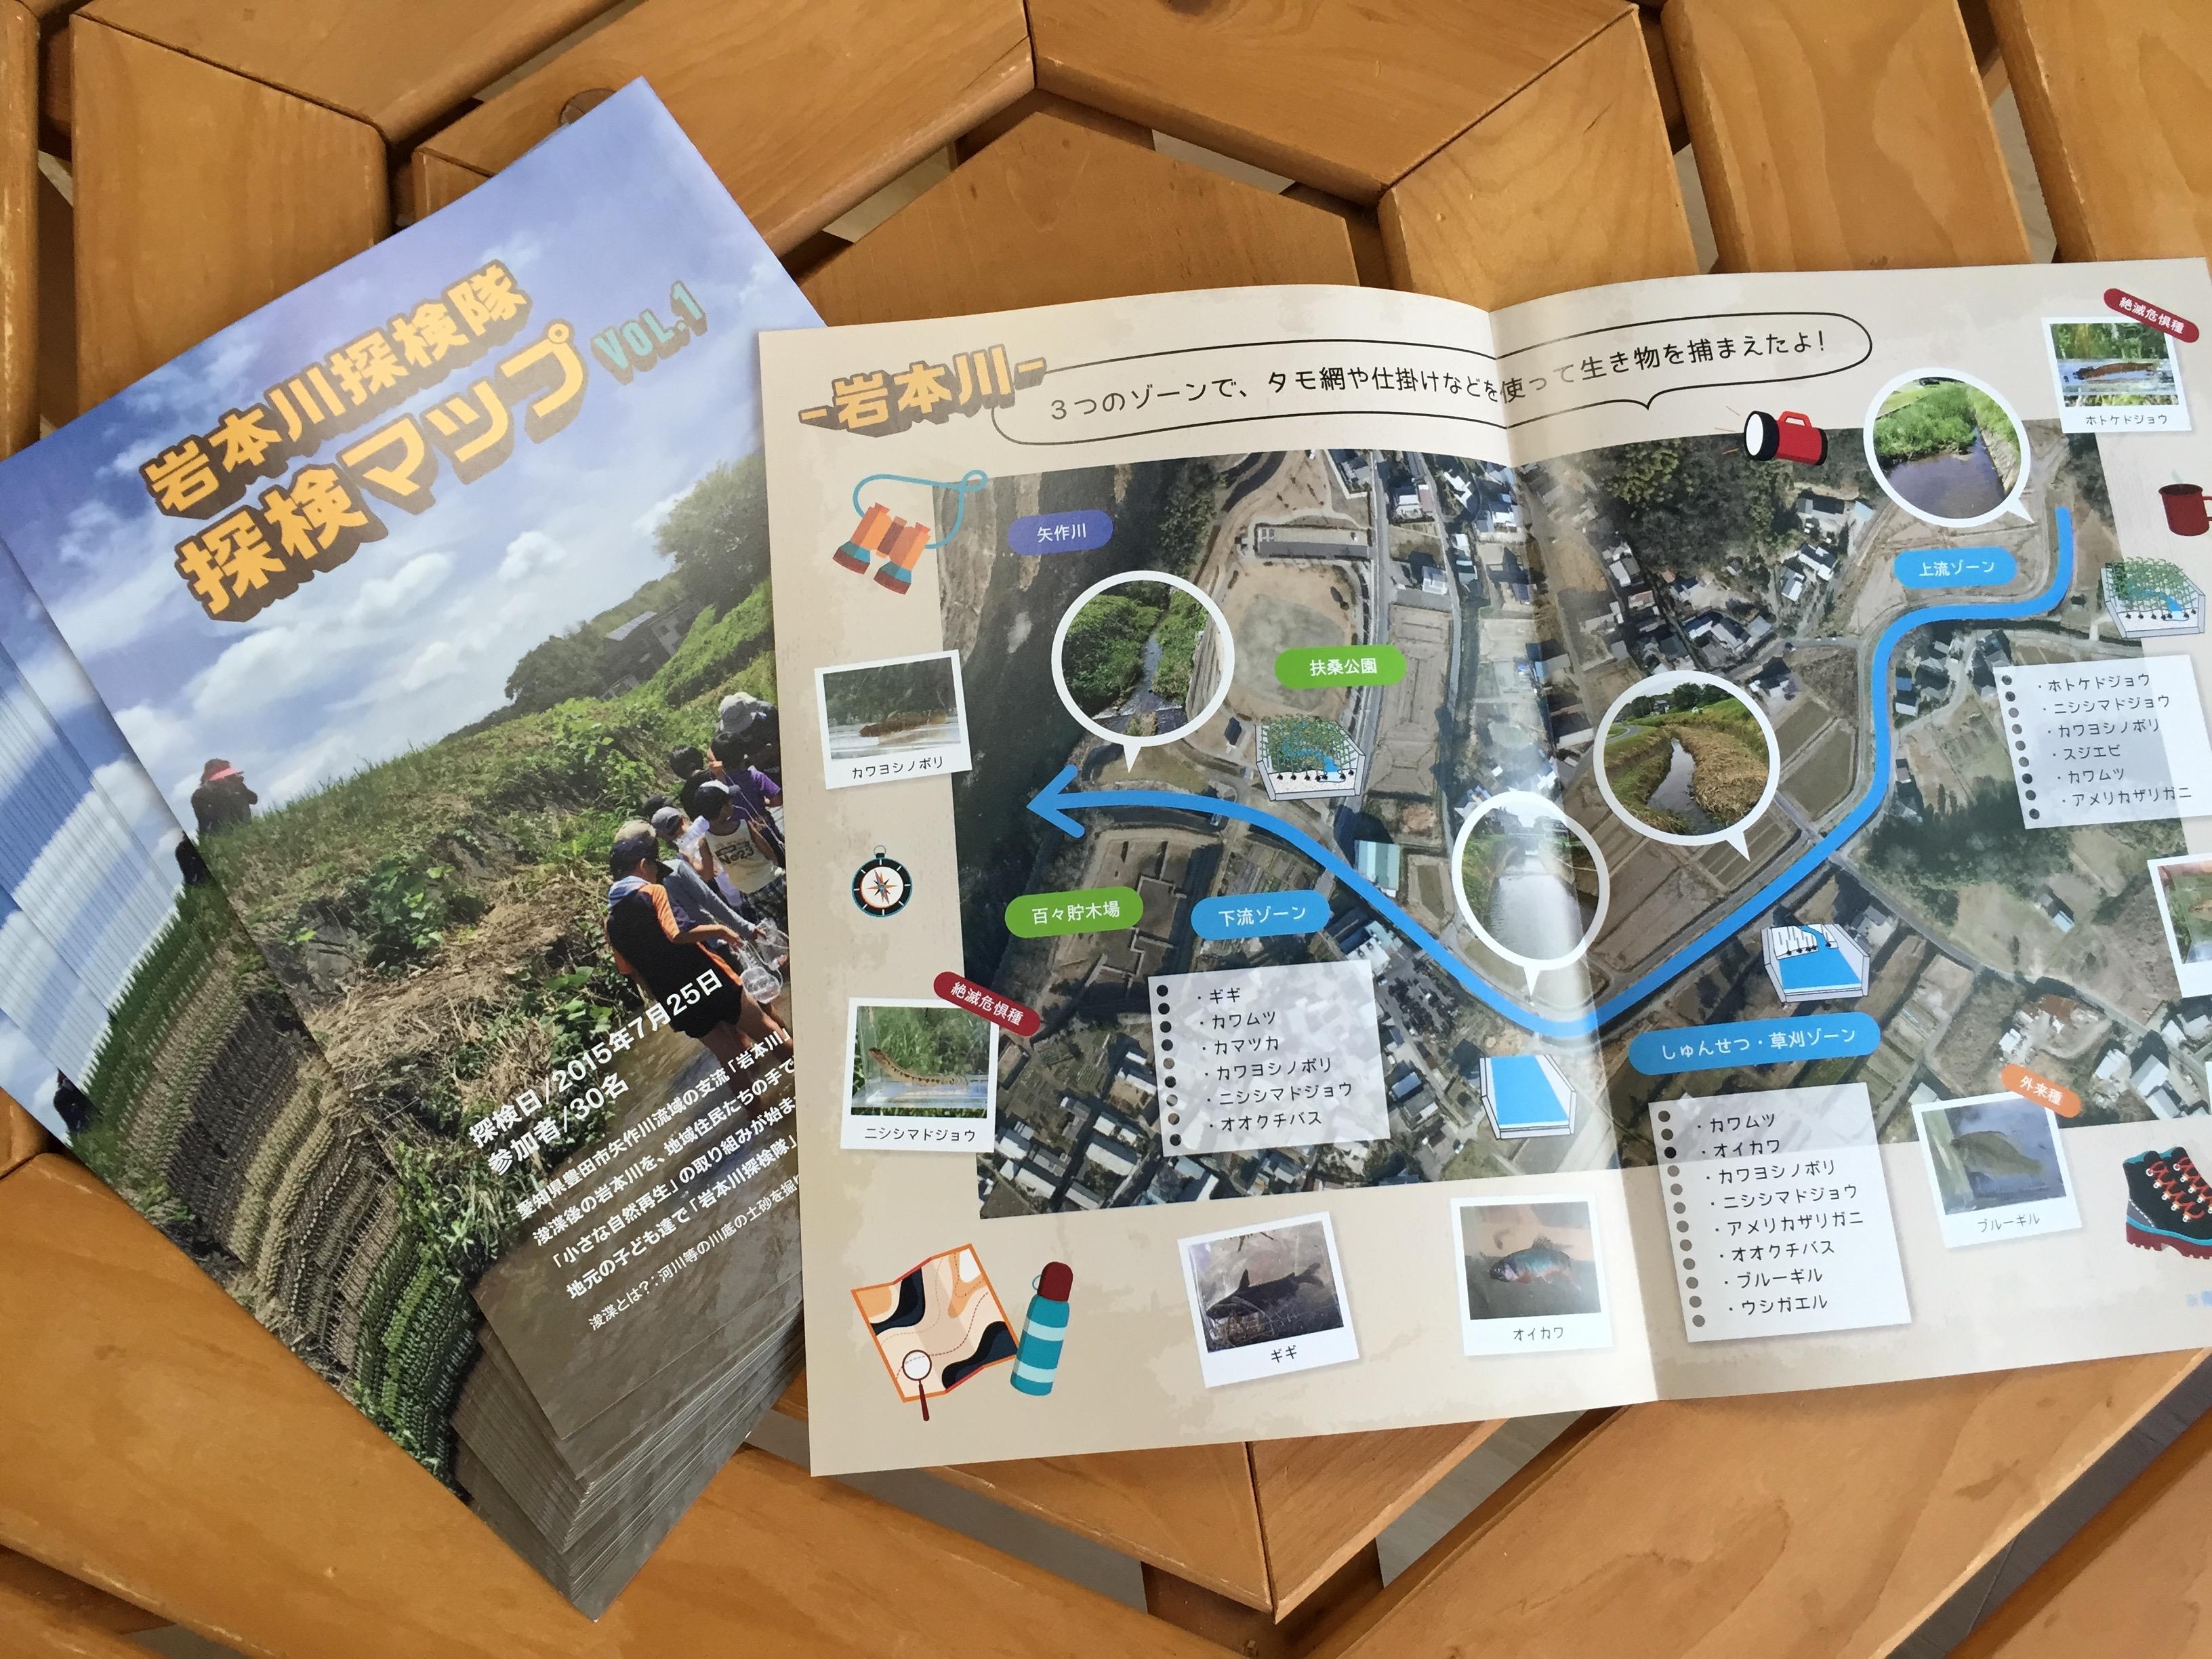 豊田市ふるさとの川づくり事業 岩本川探検隊マップVOL.1を発行しました